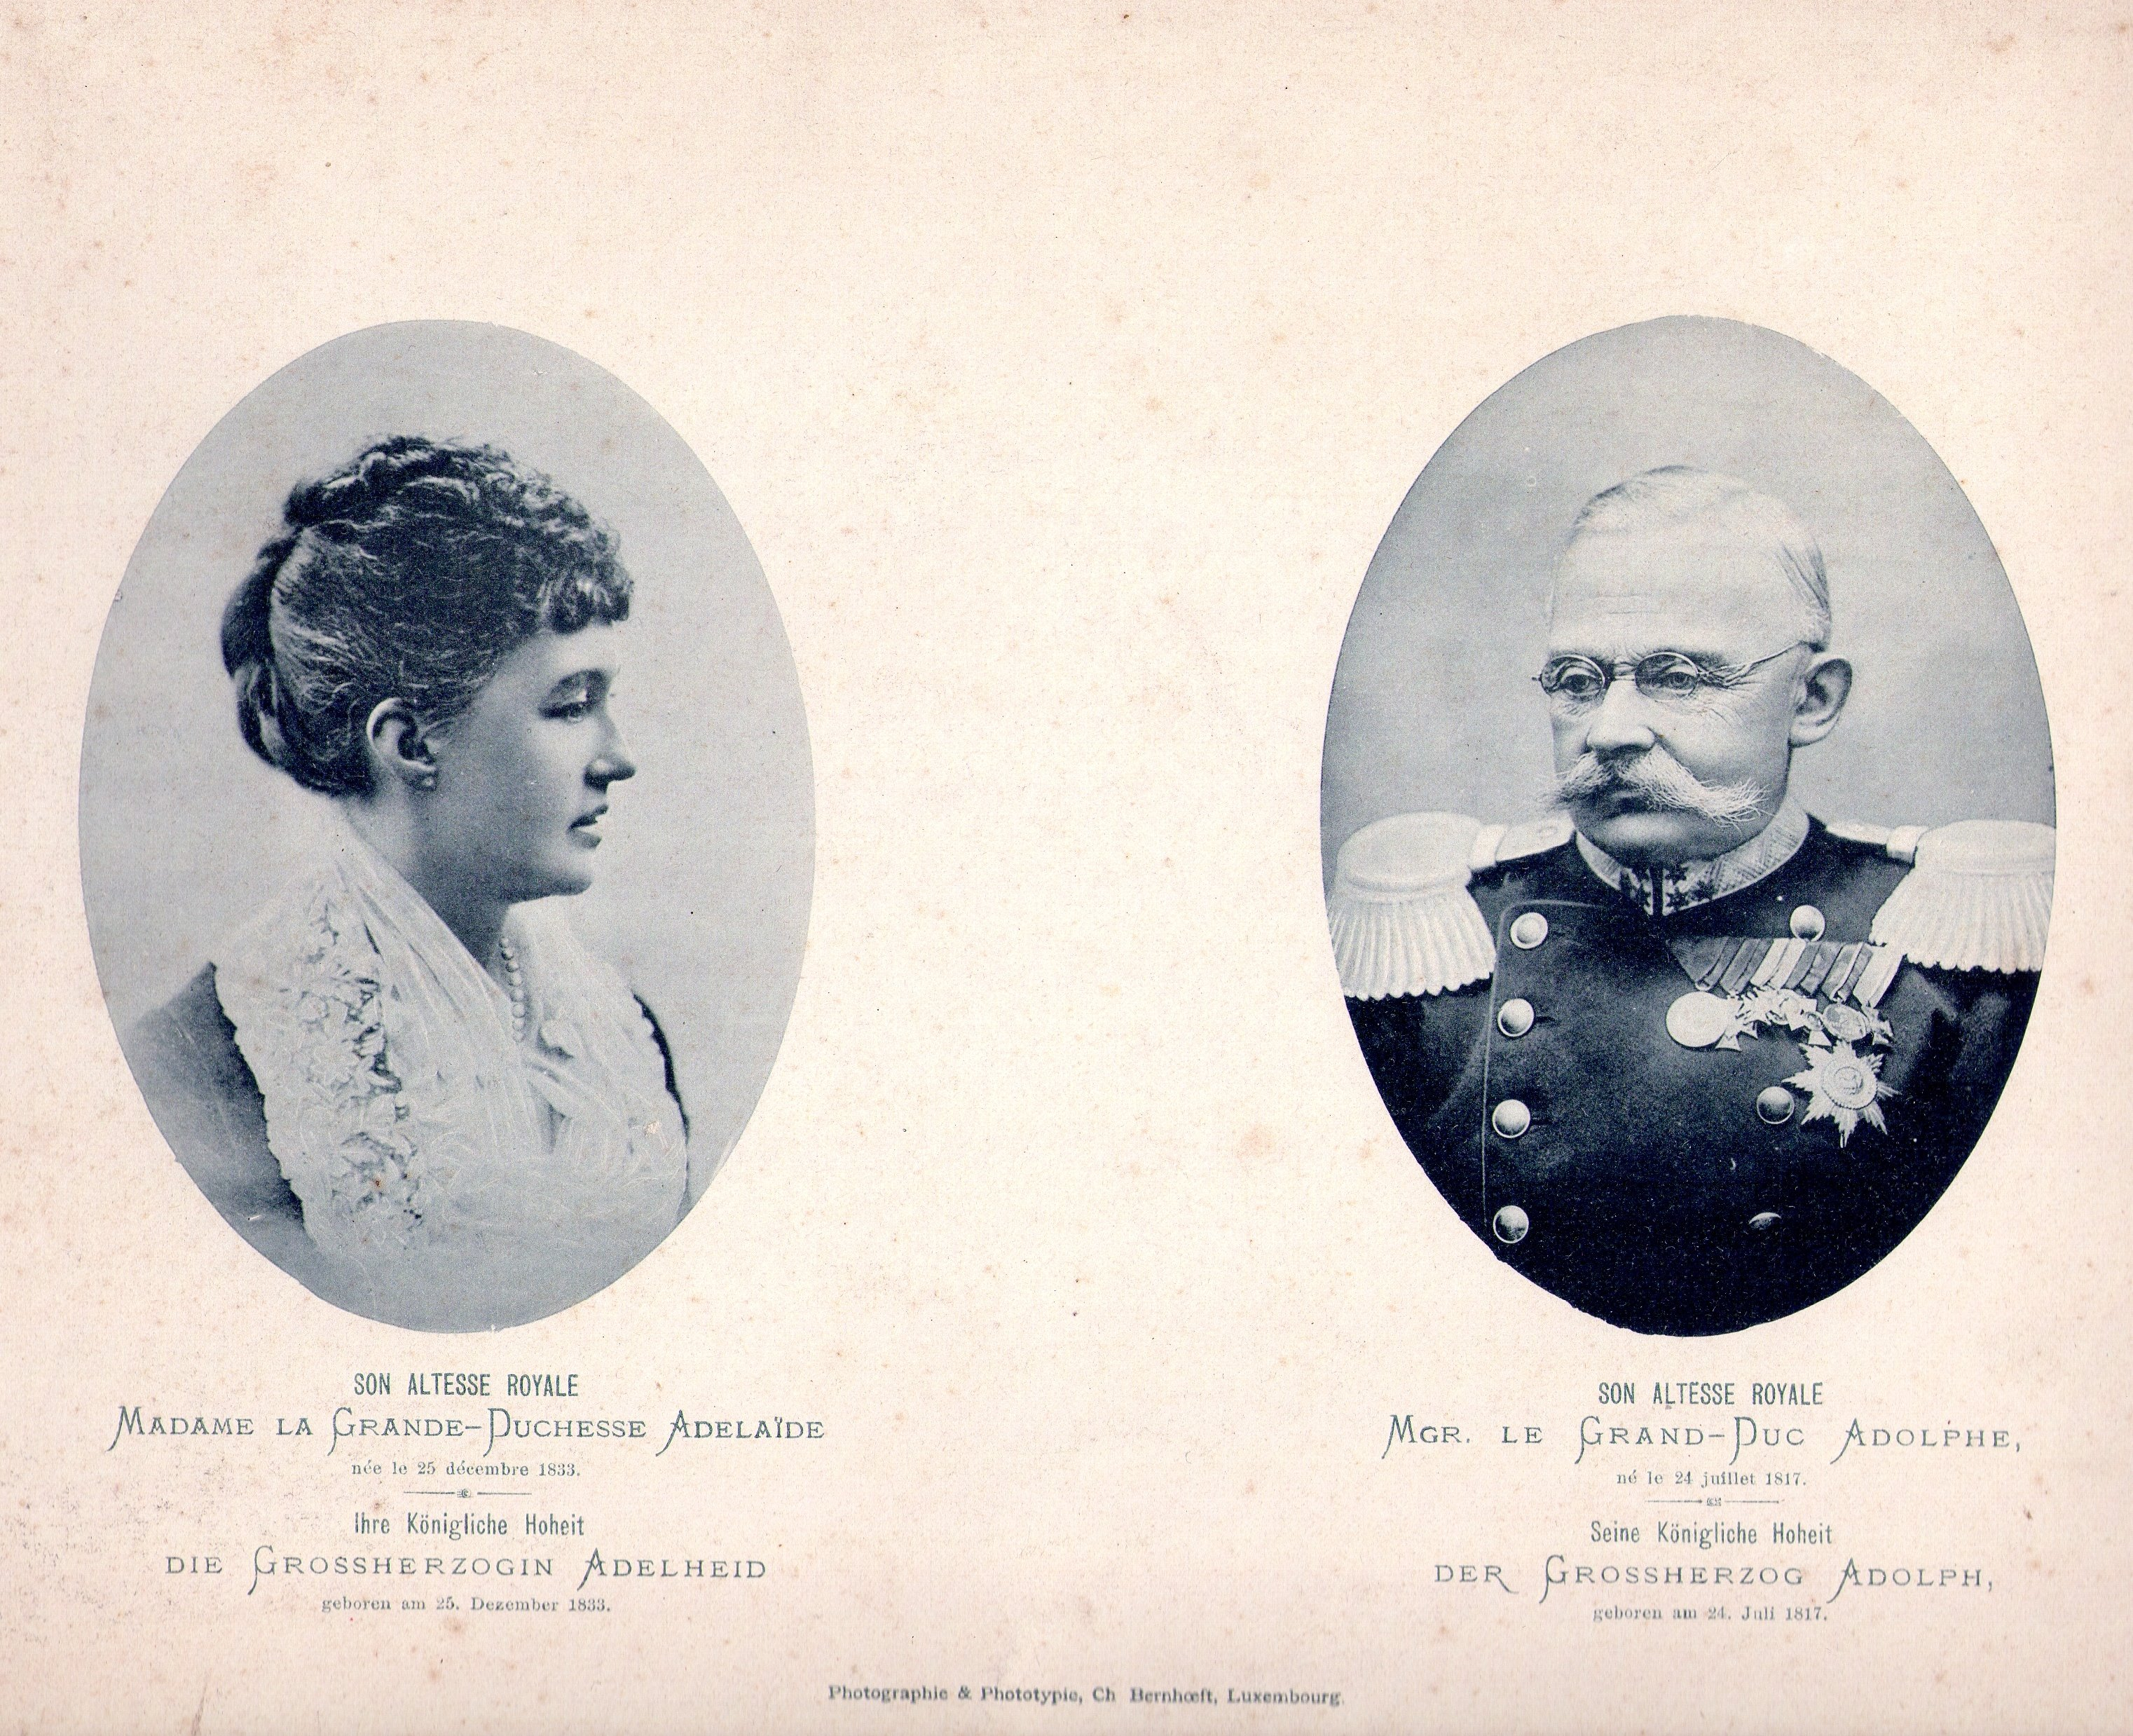 http://upload.wikimedia.org/wikipedia/commons/5/59/Adolf_Adelaide_vuLetzebuerg_06-01-2011_21-53-18.jpg?uselang=de